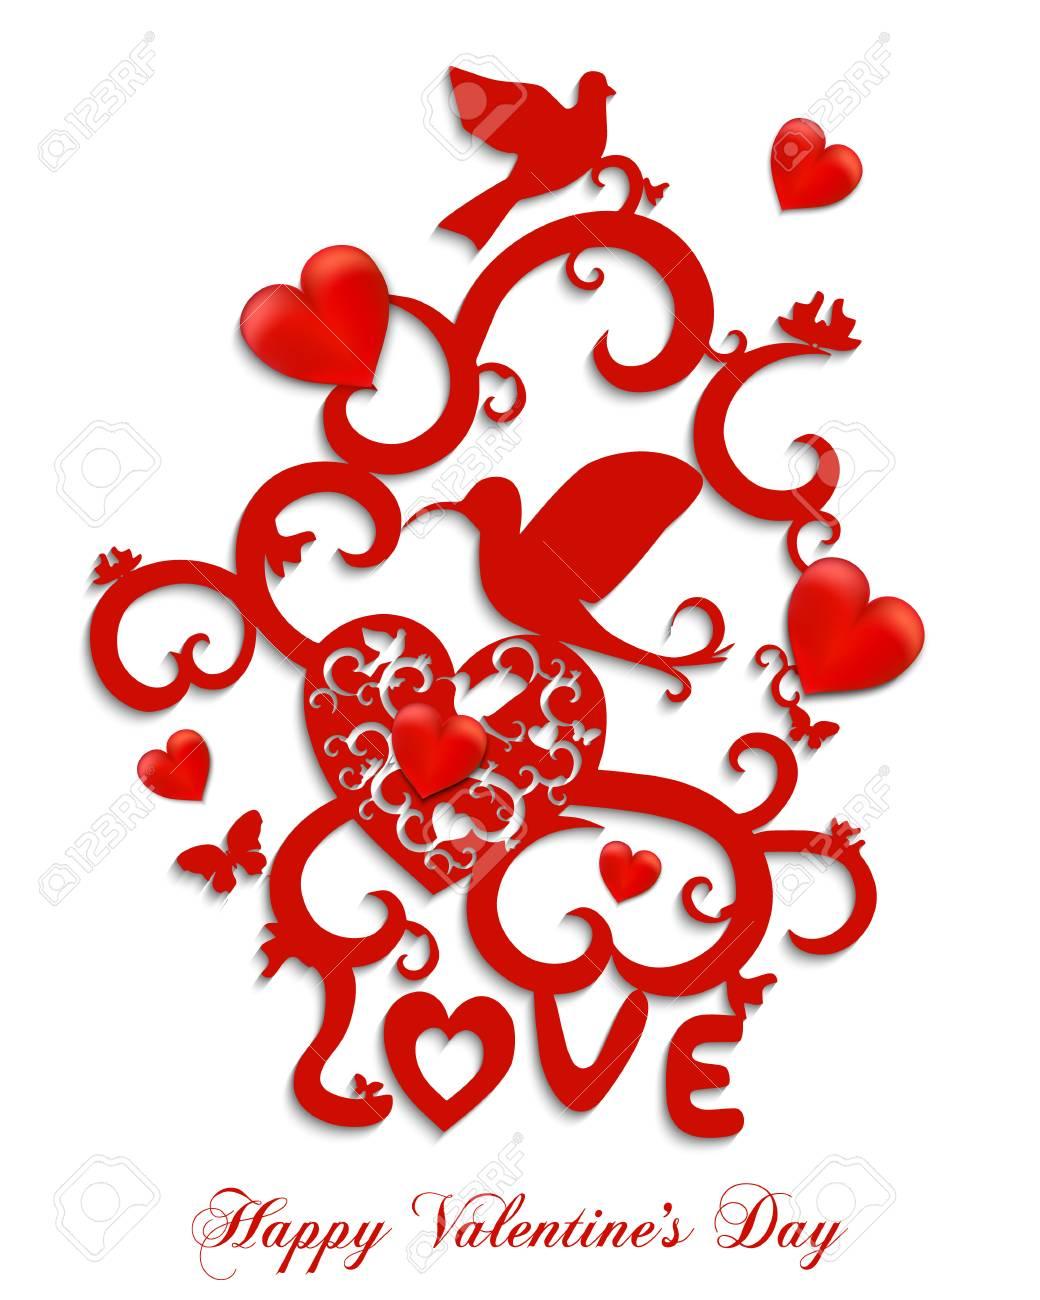 Gluckliche Valentinstag Gruss Karte Abstrakte Vektor Illustration